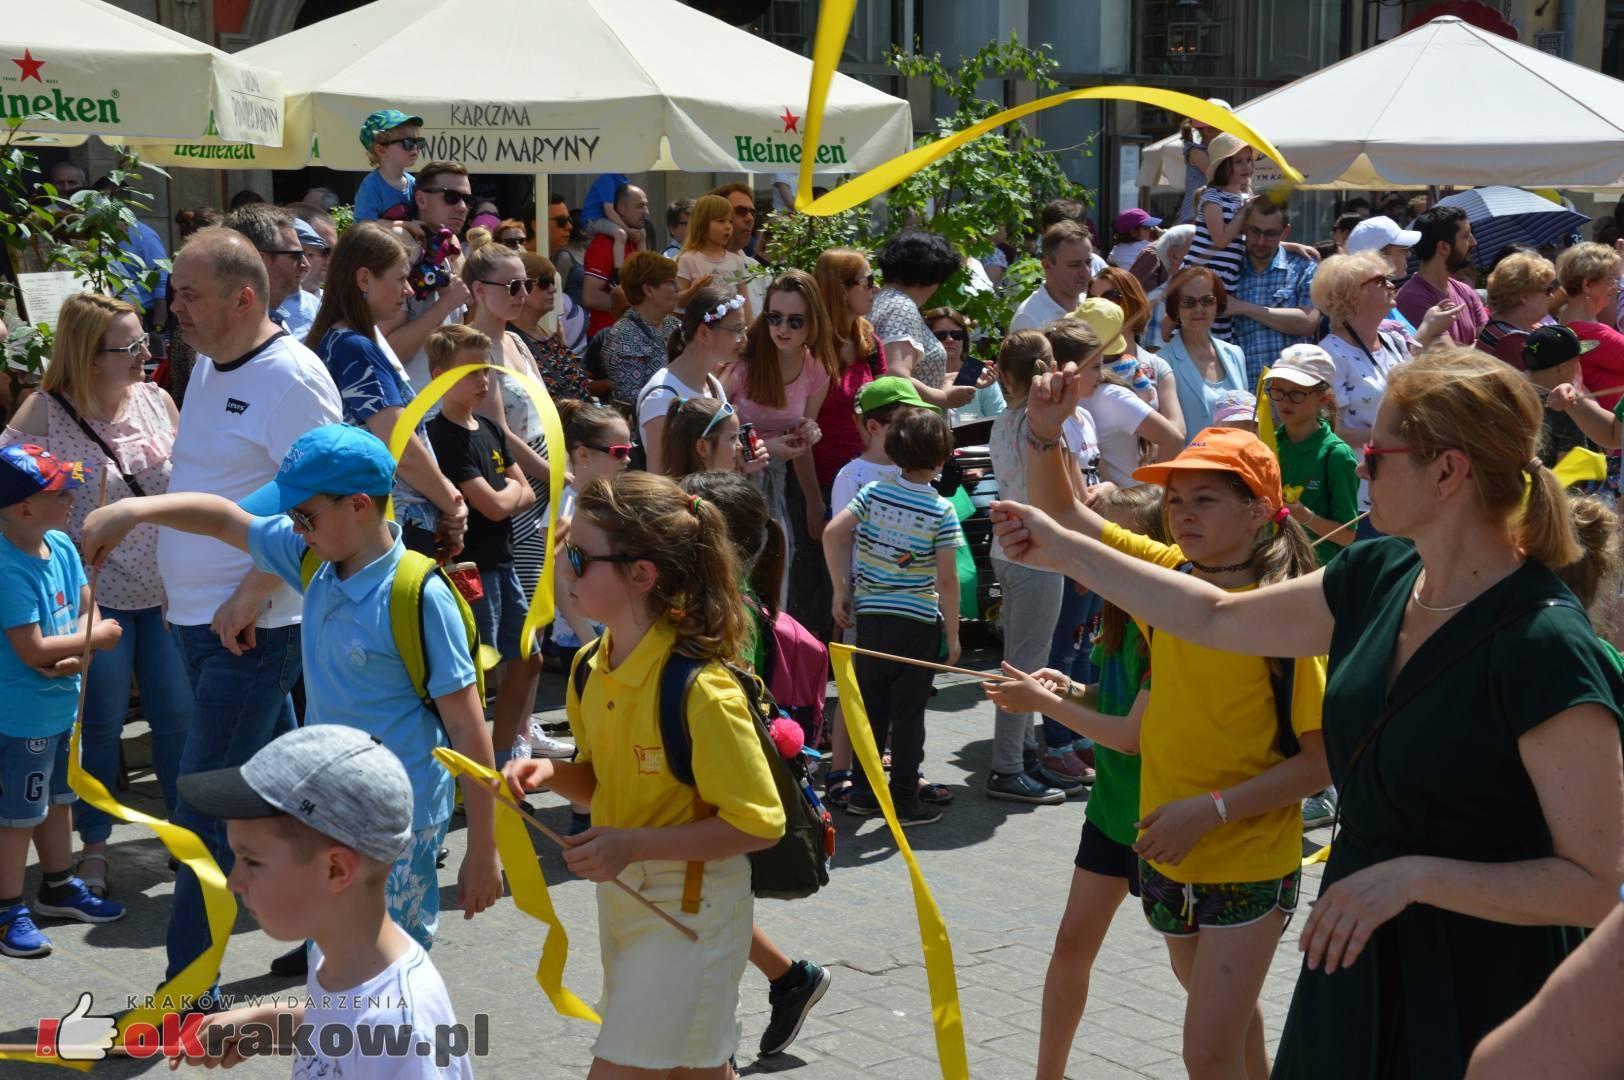 wielka parada smokow przeszla przez krakow w 40 smokow do okola swiata 2019 205 150x150 - Parada Smoków przeszła przez Kraków. Obszerna galeria zdjęć - 2 czerwca 2019 w Krakowie